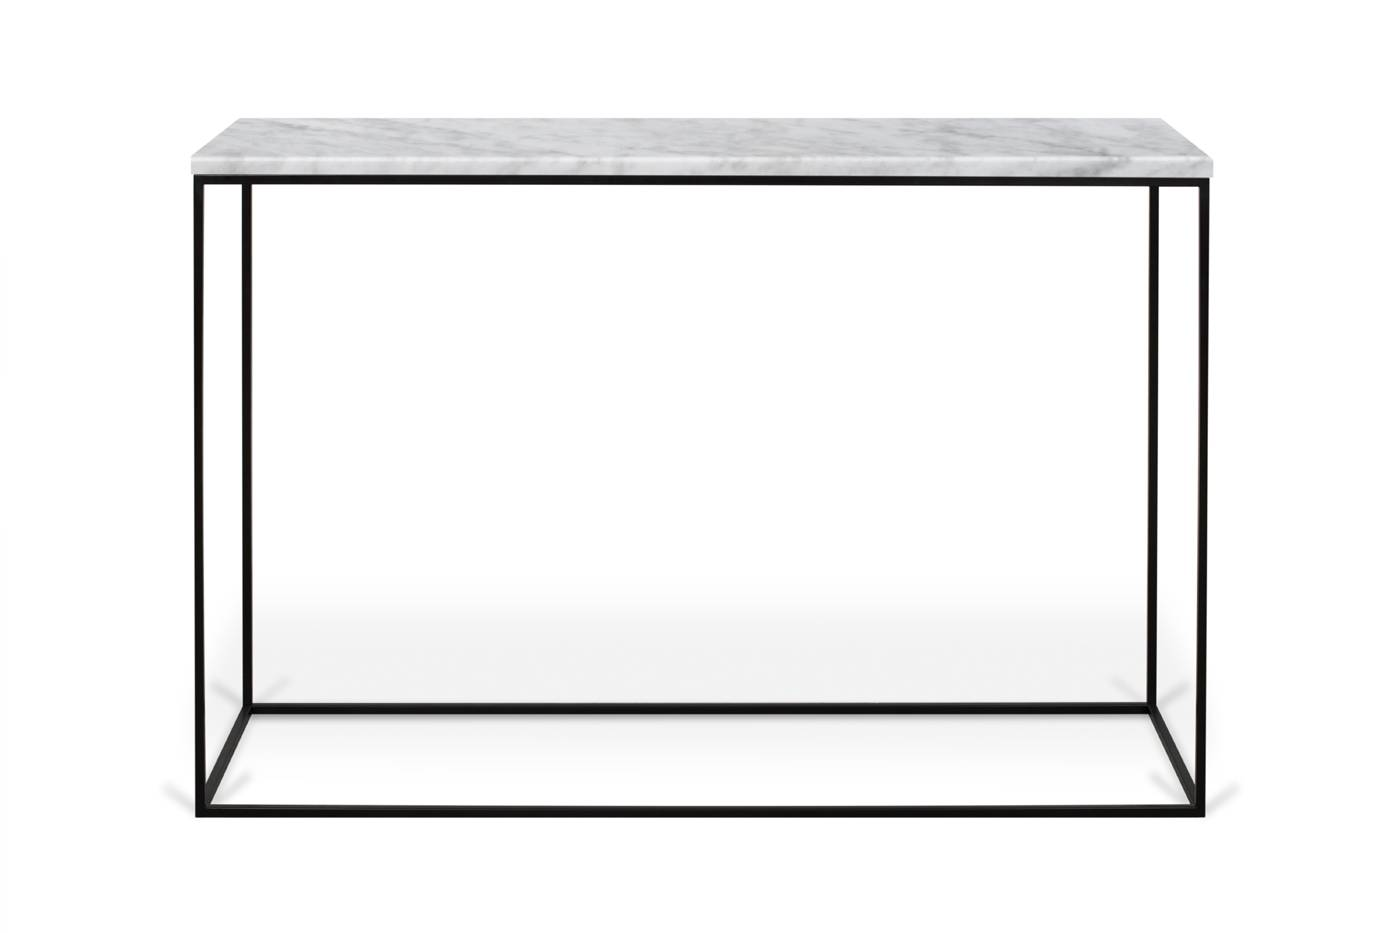 Temahome - Gleam Konsollbord - Hvit marmor